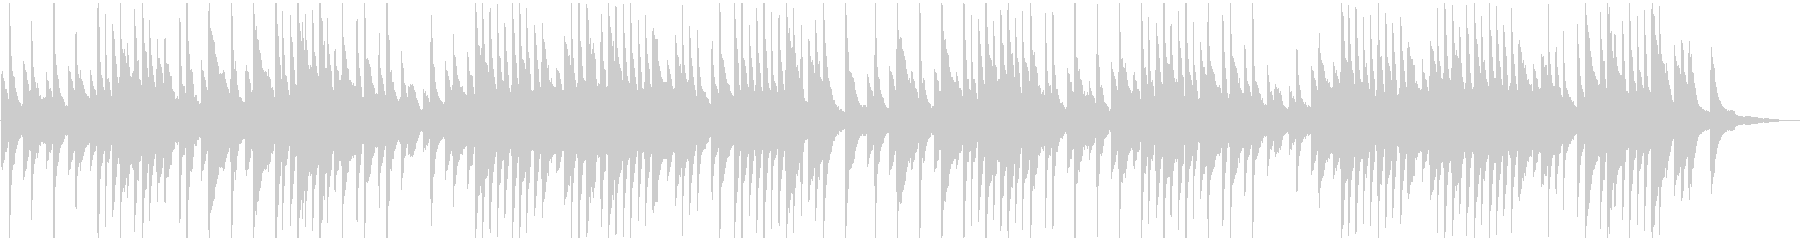 ★サティ★ジムノペディ第1番★ピアノ★Fの未再生の波形